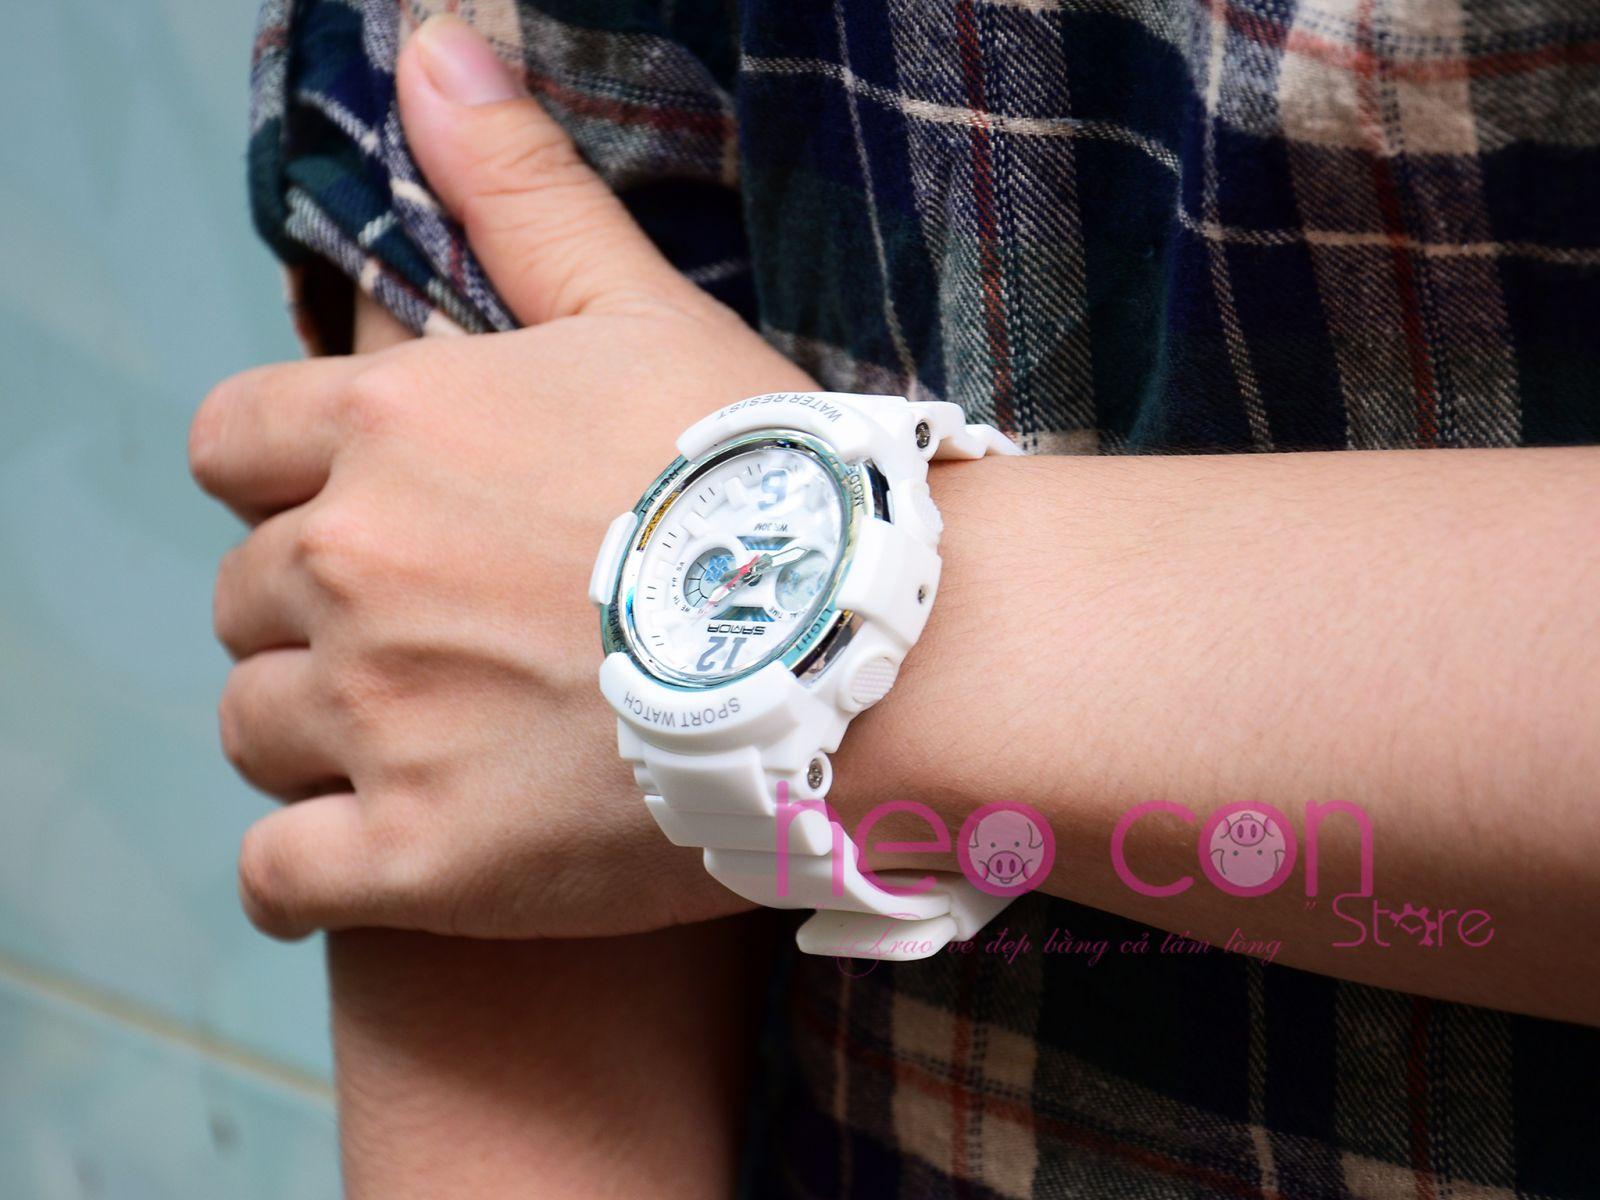 đồng hồ thể thao nữ